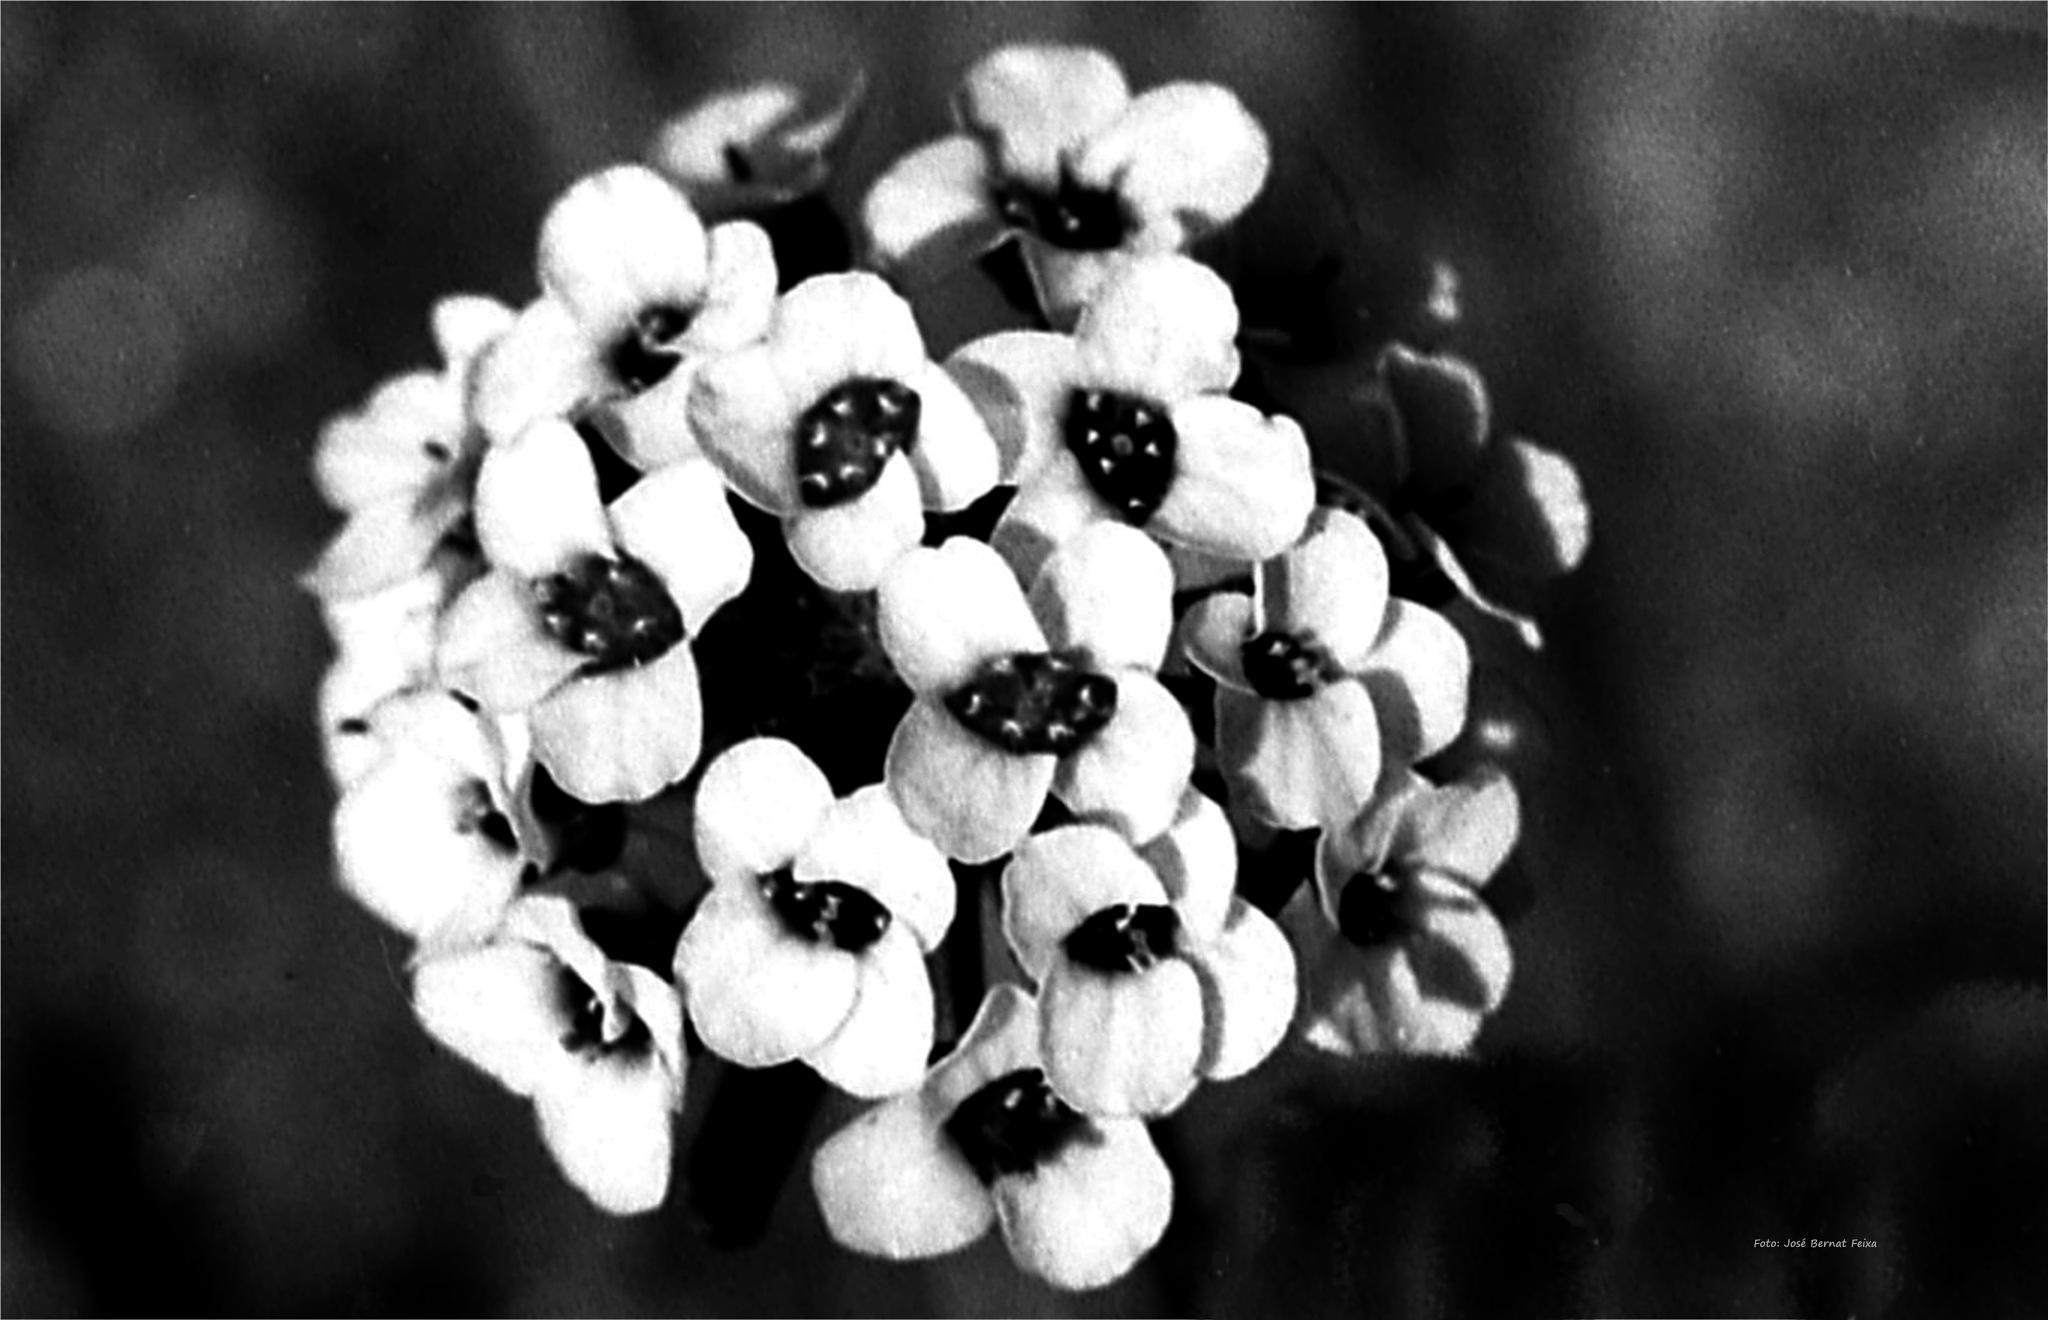 FLORES ; BLOEMEN ; FLOWERS (60's) by José Bernat Feixa